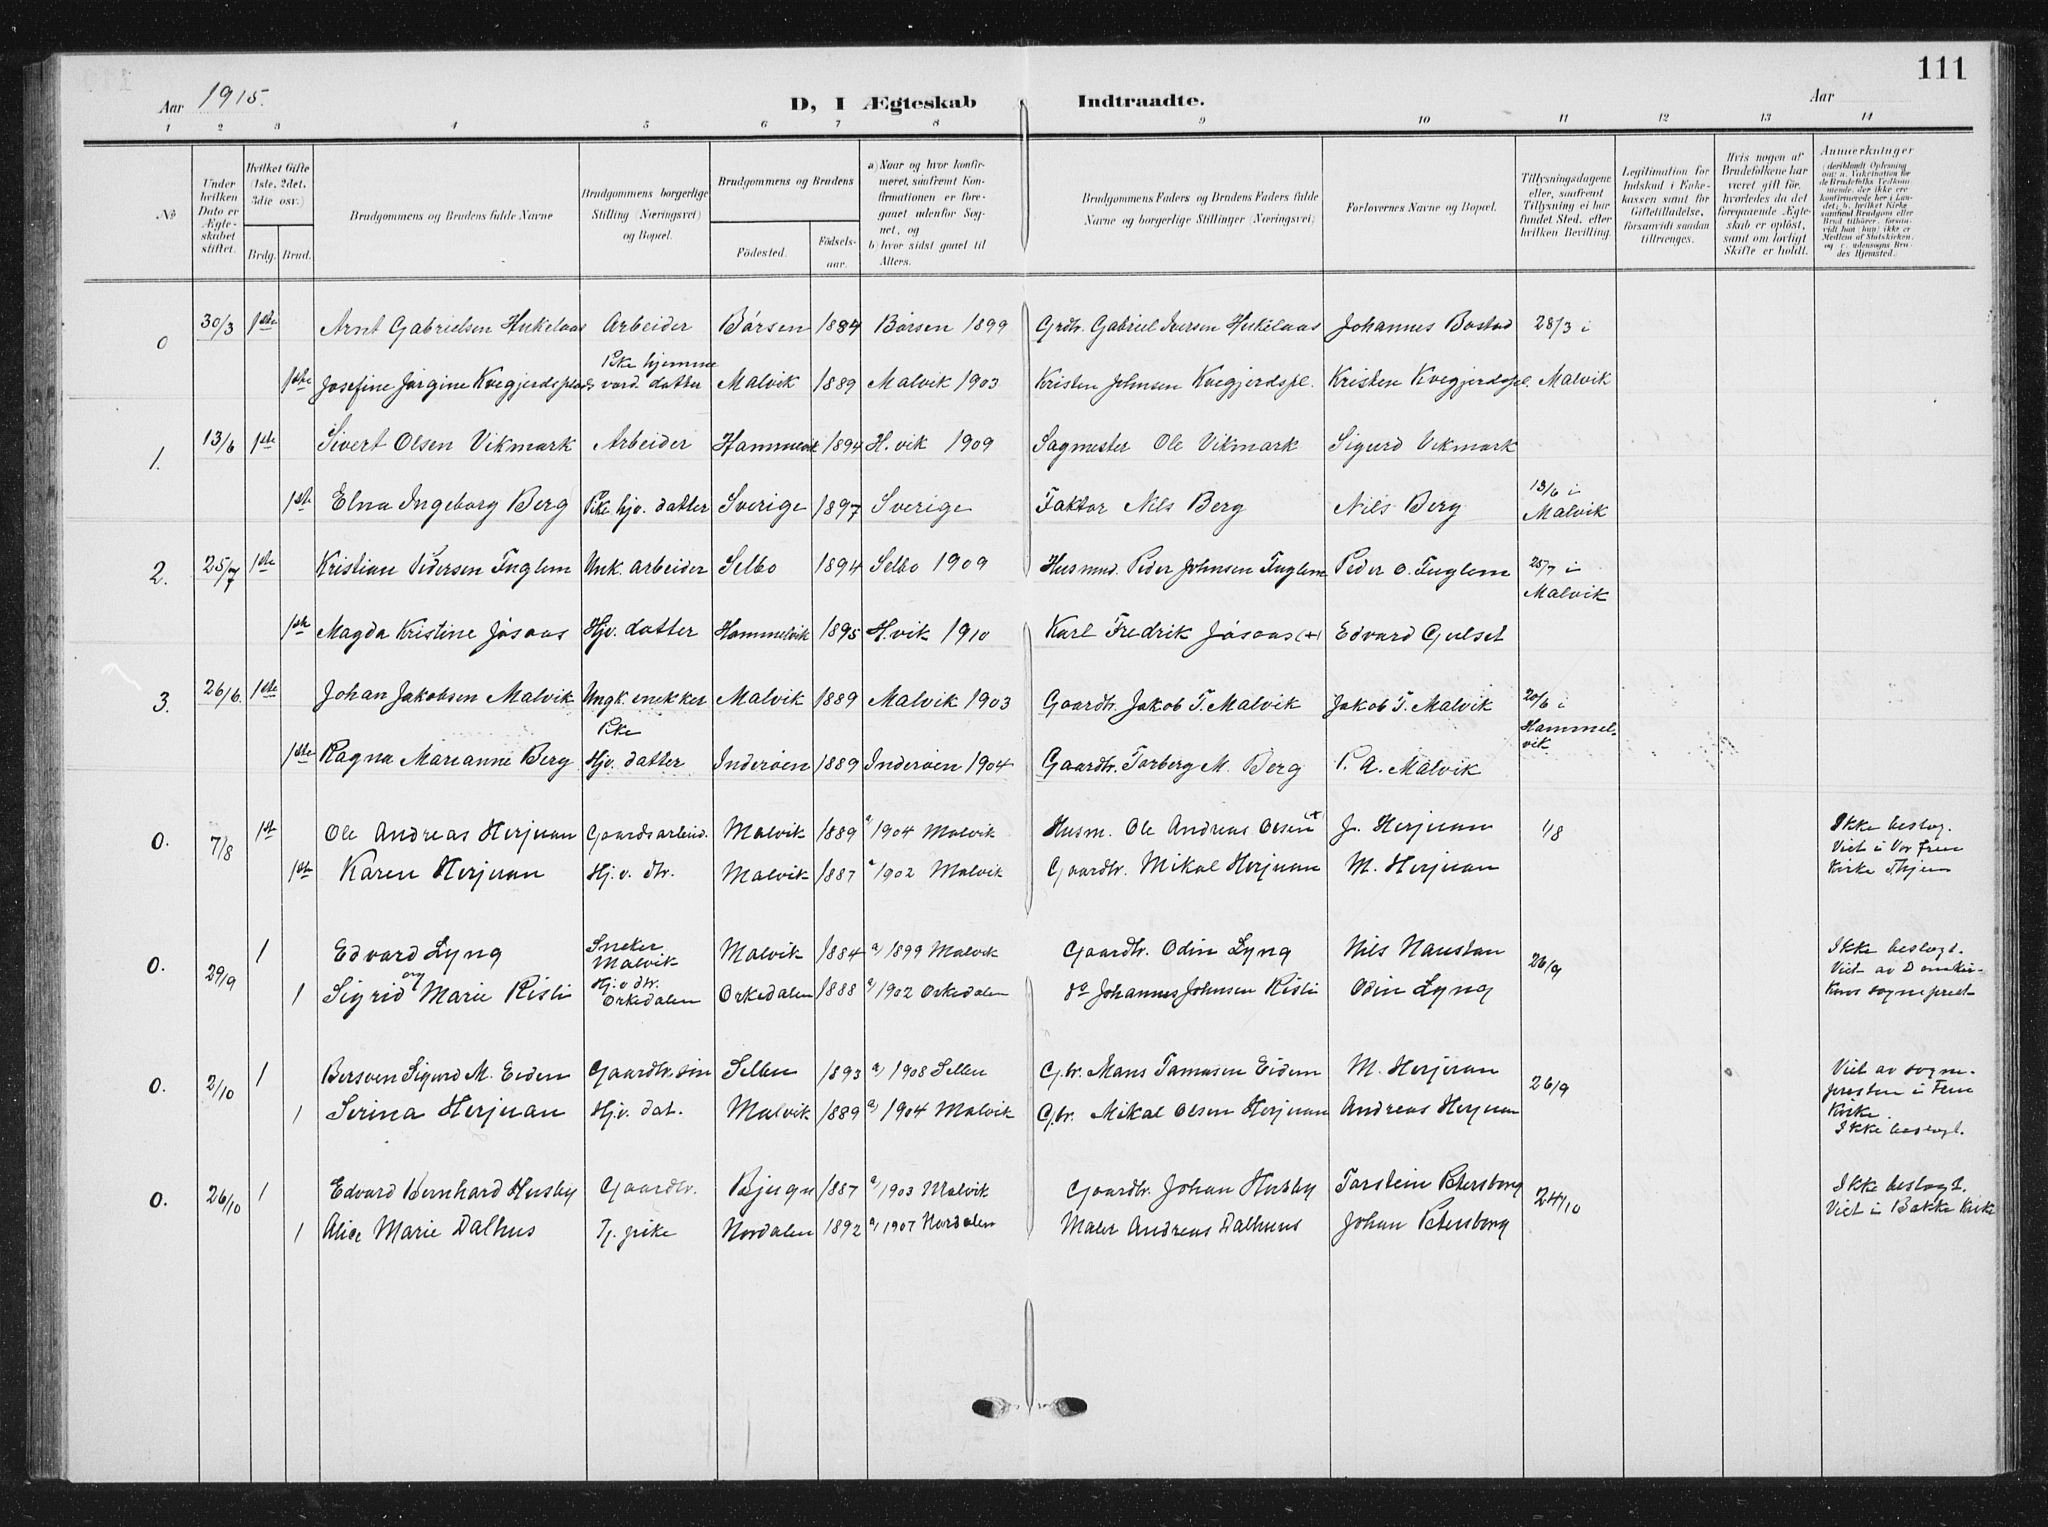 SAT, Ministerialprotokoller, klokkerbøker og fødselsregistre - Sør-Trøndelag, 616/L0424: Klokkerbok nr. 616C07, 1904-1940, s. 111